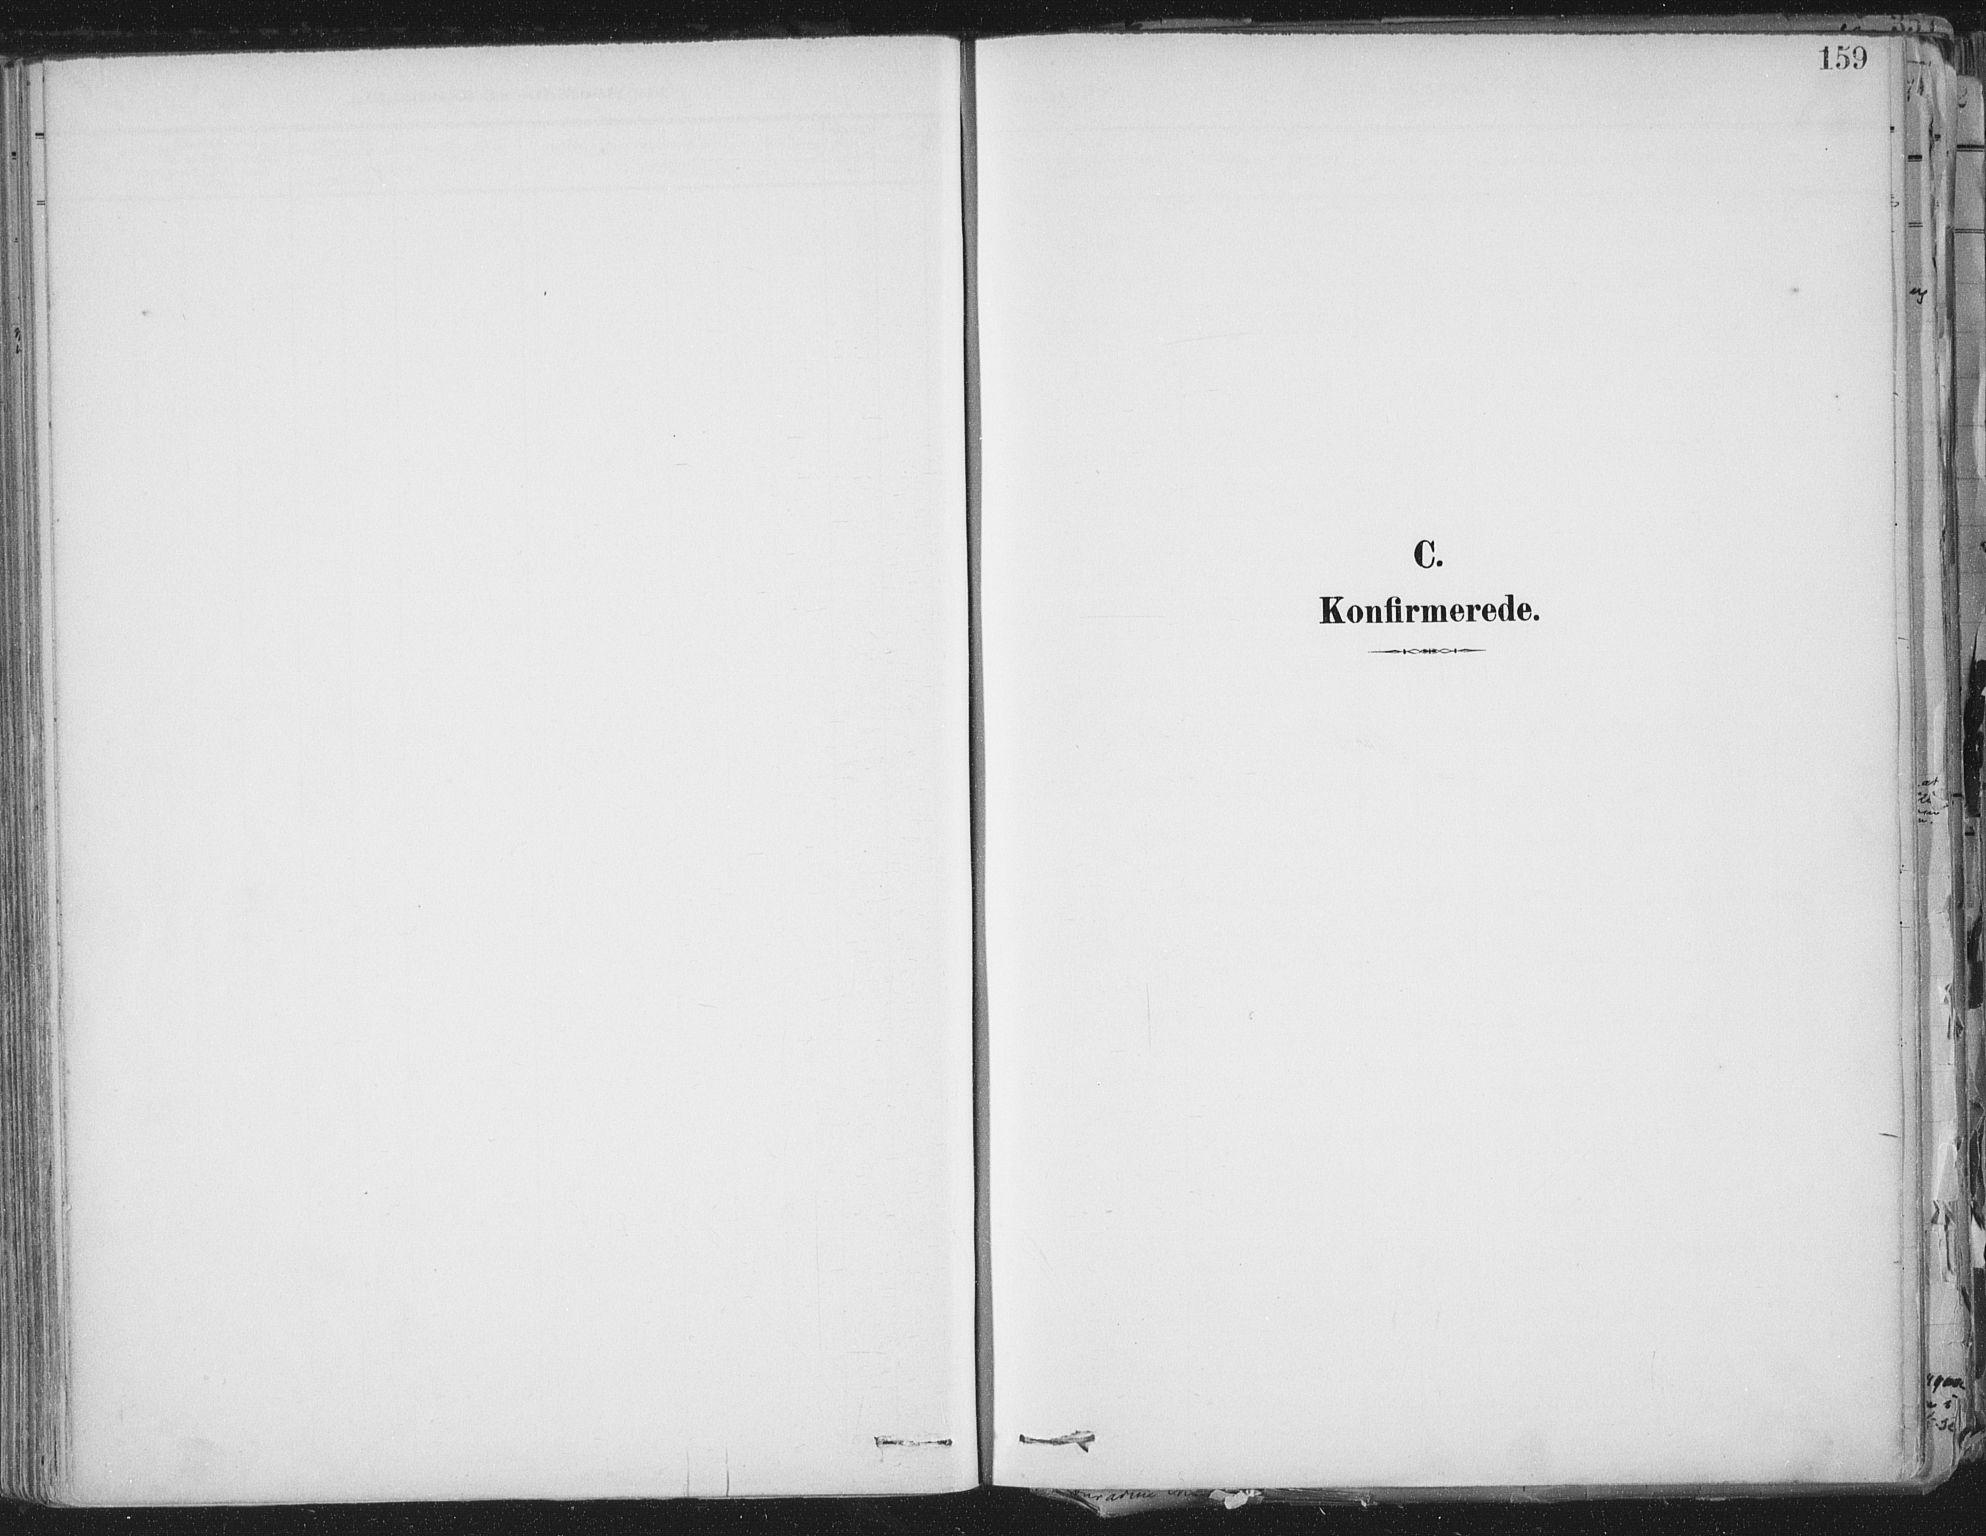 SAT, Ministerialprotokoller, klokkerbøker og fødselsregistre - Sør-Trøndelag, 603/L0167: Ministerialbok nr. 603A06, 1896-1932, s. 159